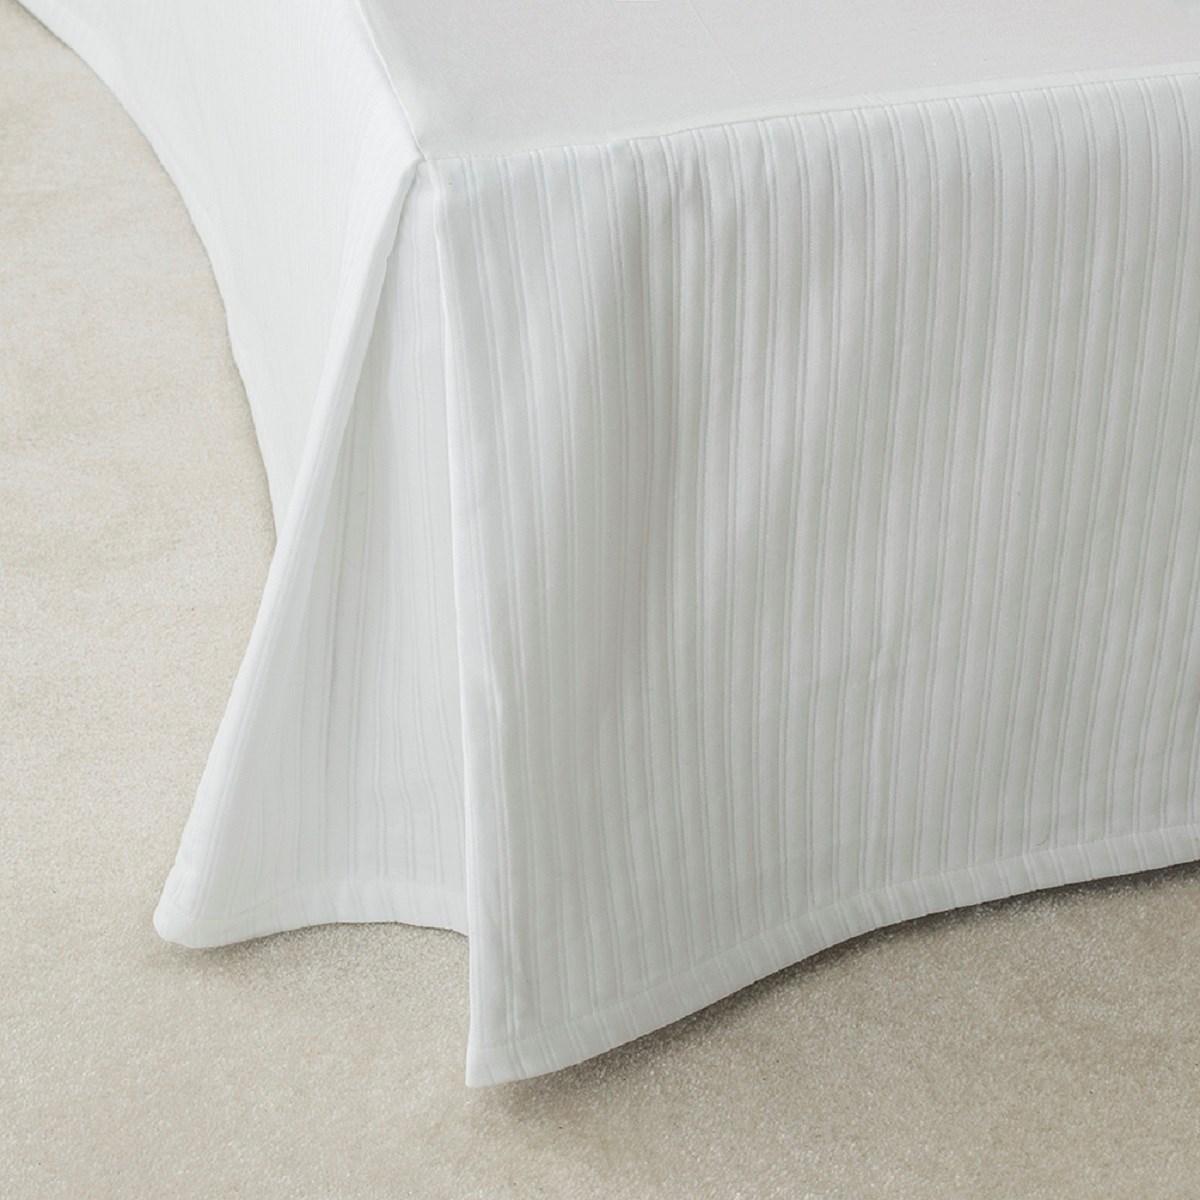 Cache sommier luxe en Coton Blanc 200x200 cm (photo)